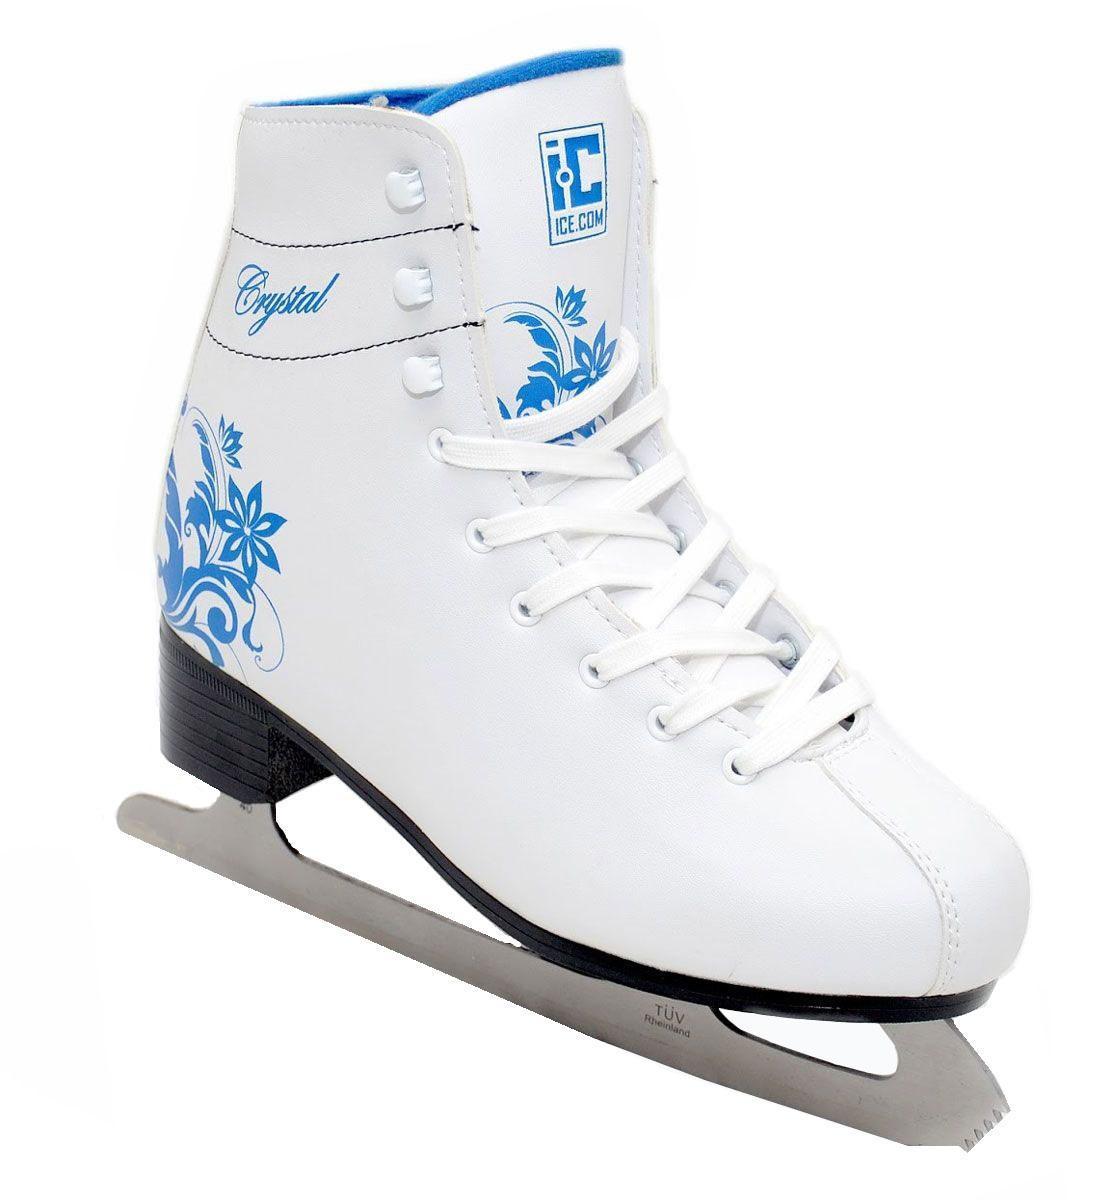 Коньки фигурные детские Ice.Com Crystal 2014-2015, цвет: синий, белый. Размер 34PW-221Высокий классический ботинок идеально подойдет для начинающих. Конструкция ботинка разработана специально с учетом того что нога при катании должна находиться в полусогнутом состоянии и голень имеет небольшой наклон вперед. Верх ботинка выполнен из морозостойкой искусственной кожи, подошва - морозостойкий ПВХ. Стальное никелированное высокопрочное лезвие, сертифицировано TUV.Для того, чтобы Вам максимально точно подобрать размер коньков, узнайте длину стопы с точностью до миллиметра. Для этого поставьте босую ногу на лист бумаги А4 и отметьте на бумаге самые крайние точки Вашей стопы (пятка и носок). Затем измерьте обычной линейкой расстояние (до миллиметра) между этими отметками на бумаге. Не забудьте учесть 2-3 мм запаса под носок.